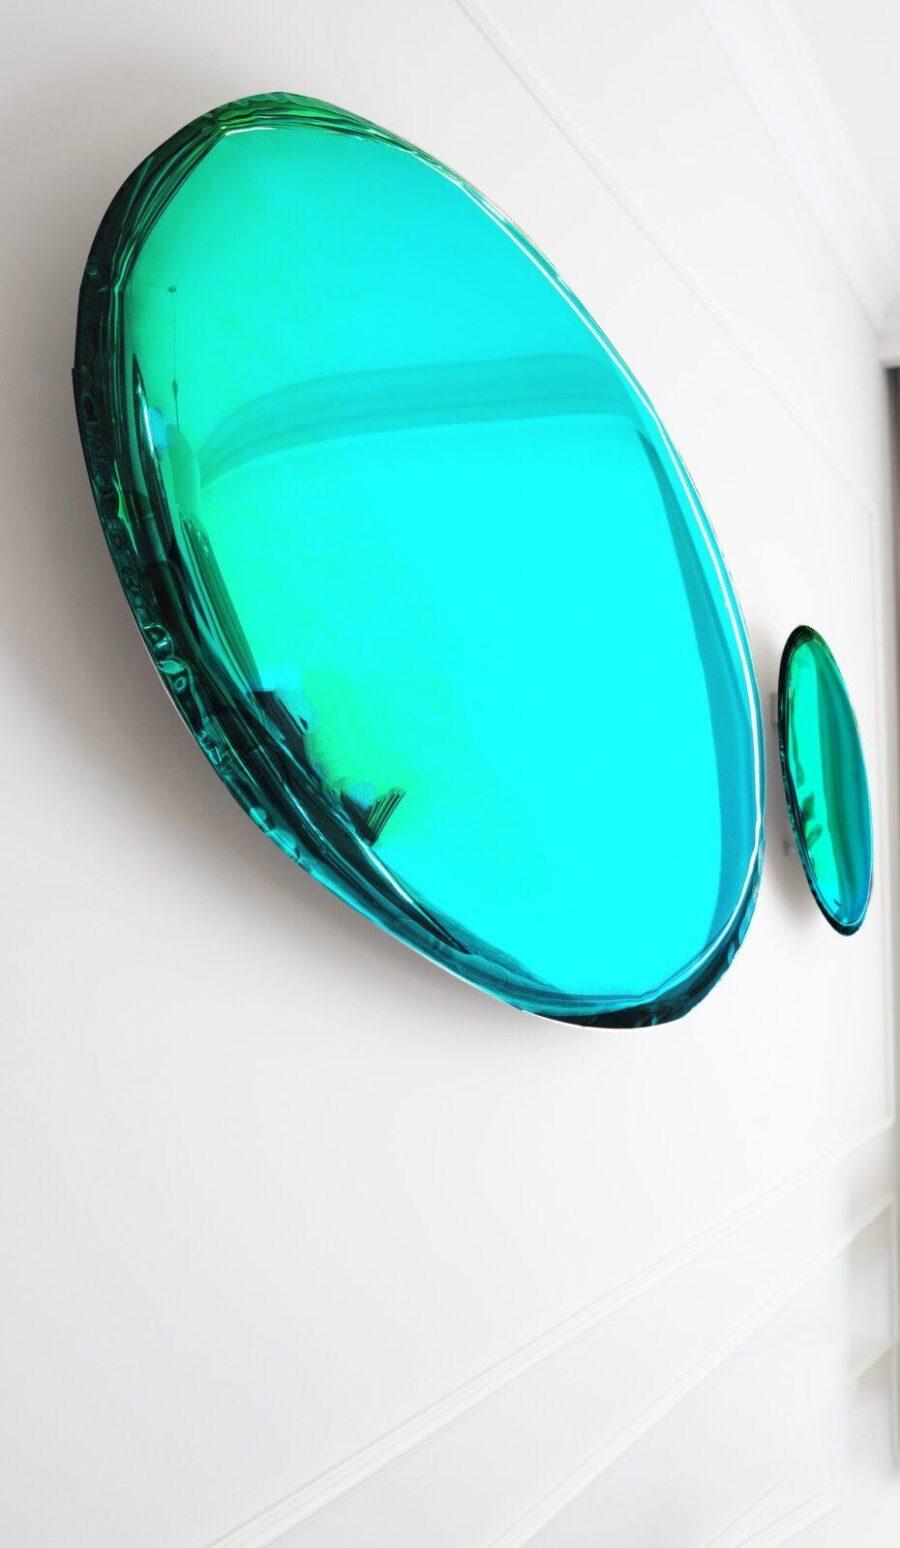 tafla o mirror gradient